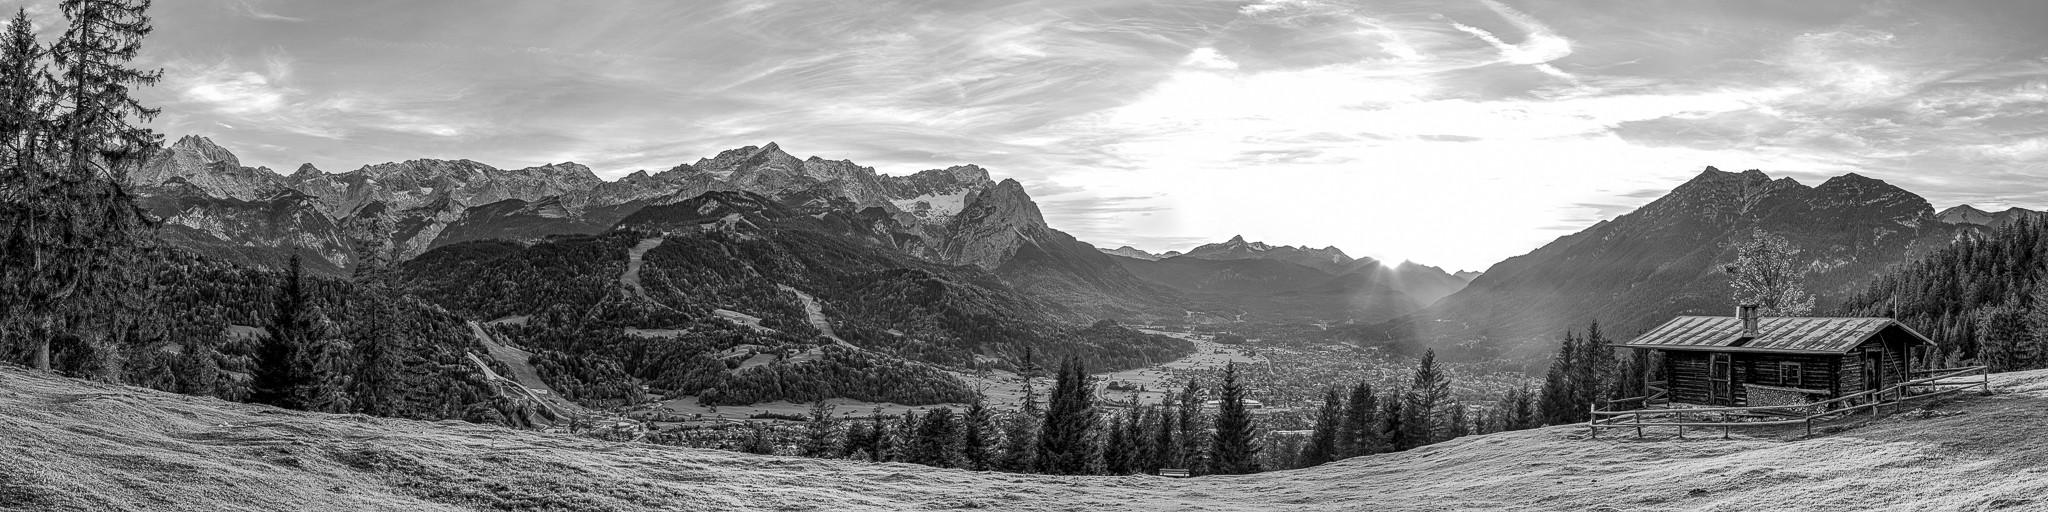 Garmisch-Partenkirchen - Bergpanorama mit Hütte